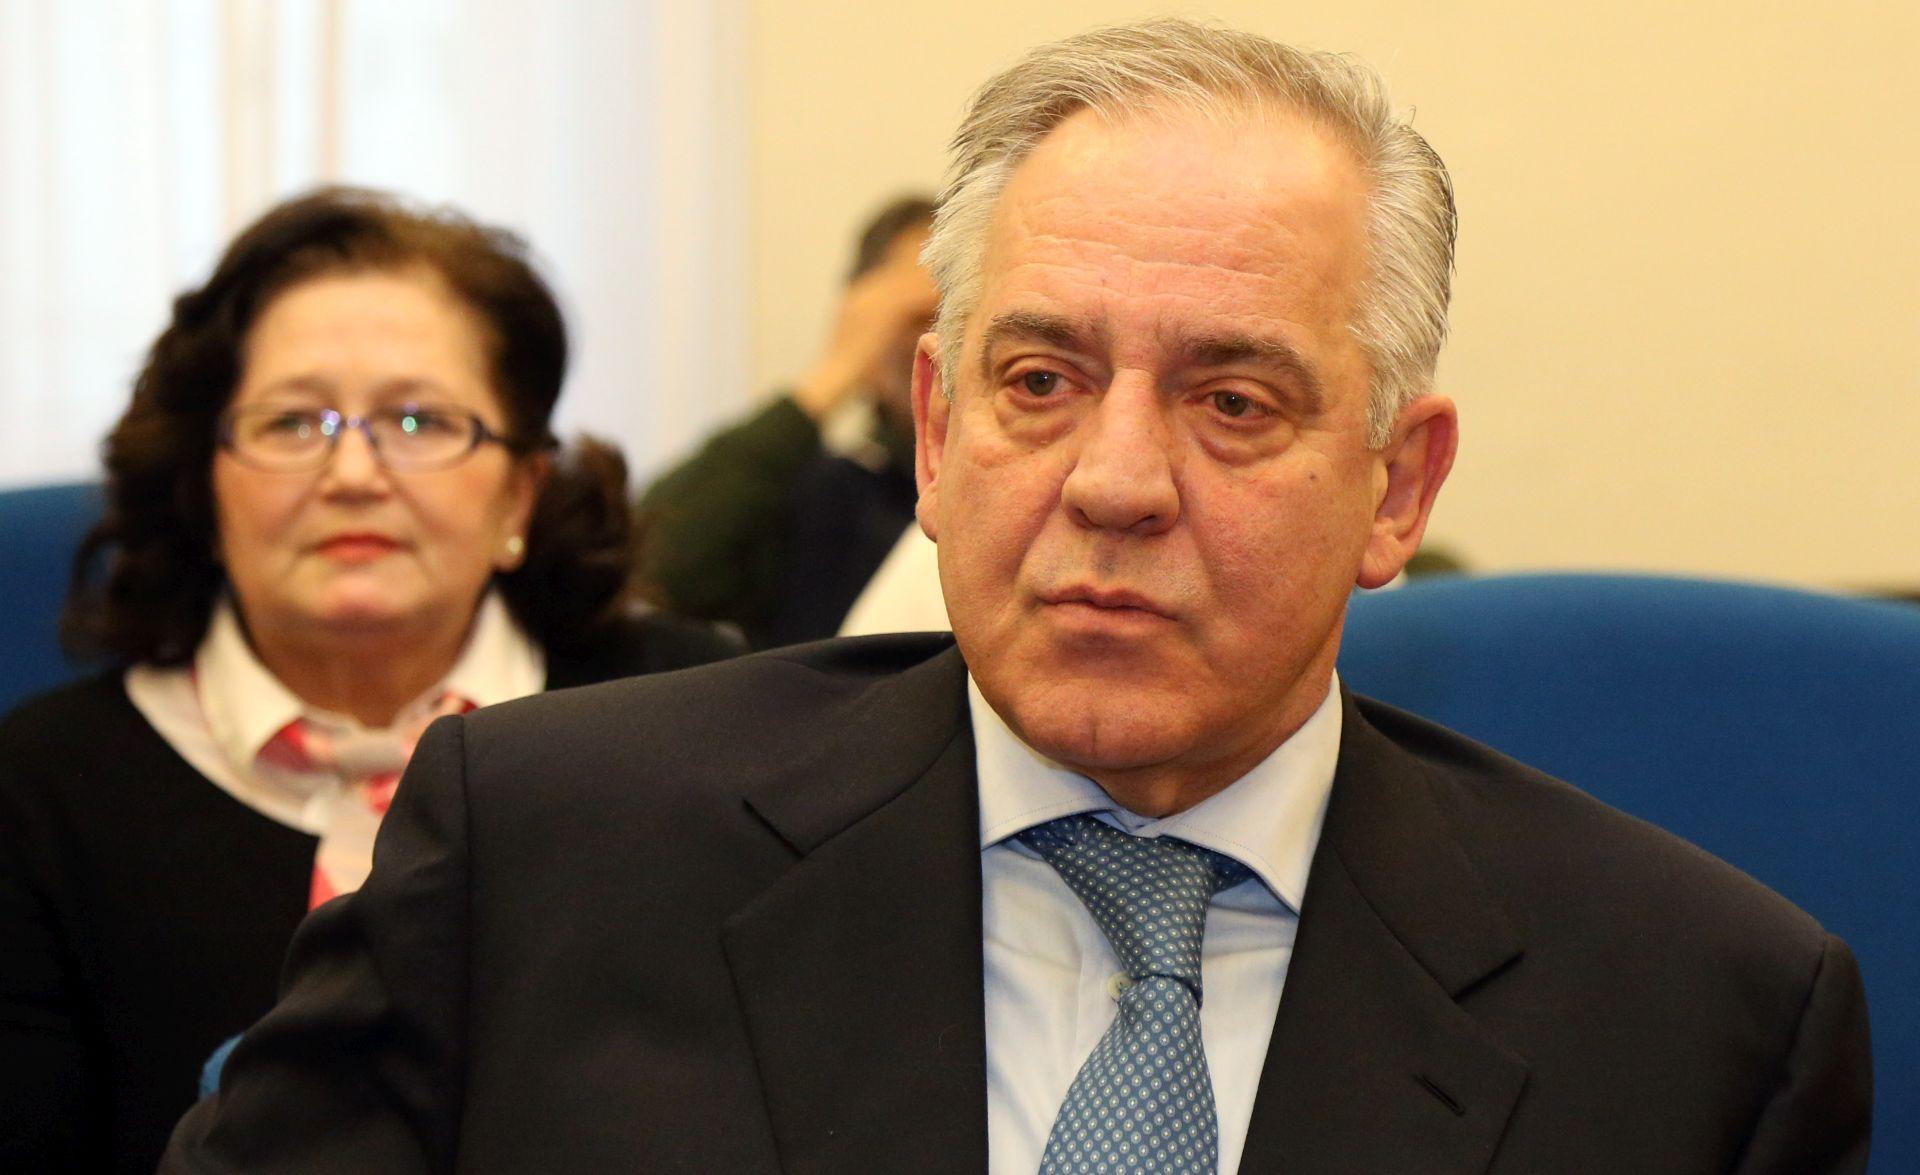 Inin bivši direktor marketinga potvrdio da je suradnju s Fimi mediom zagovarao Josip Petrović